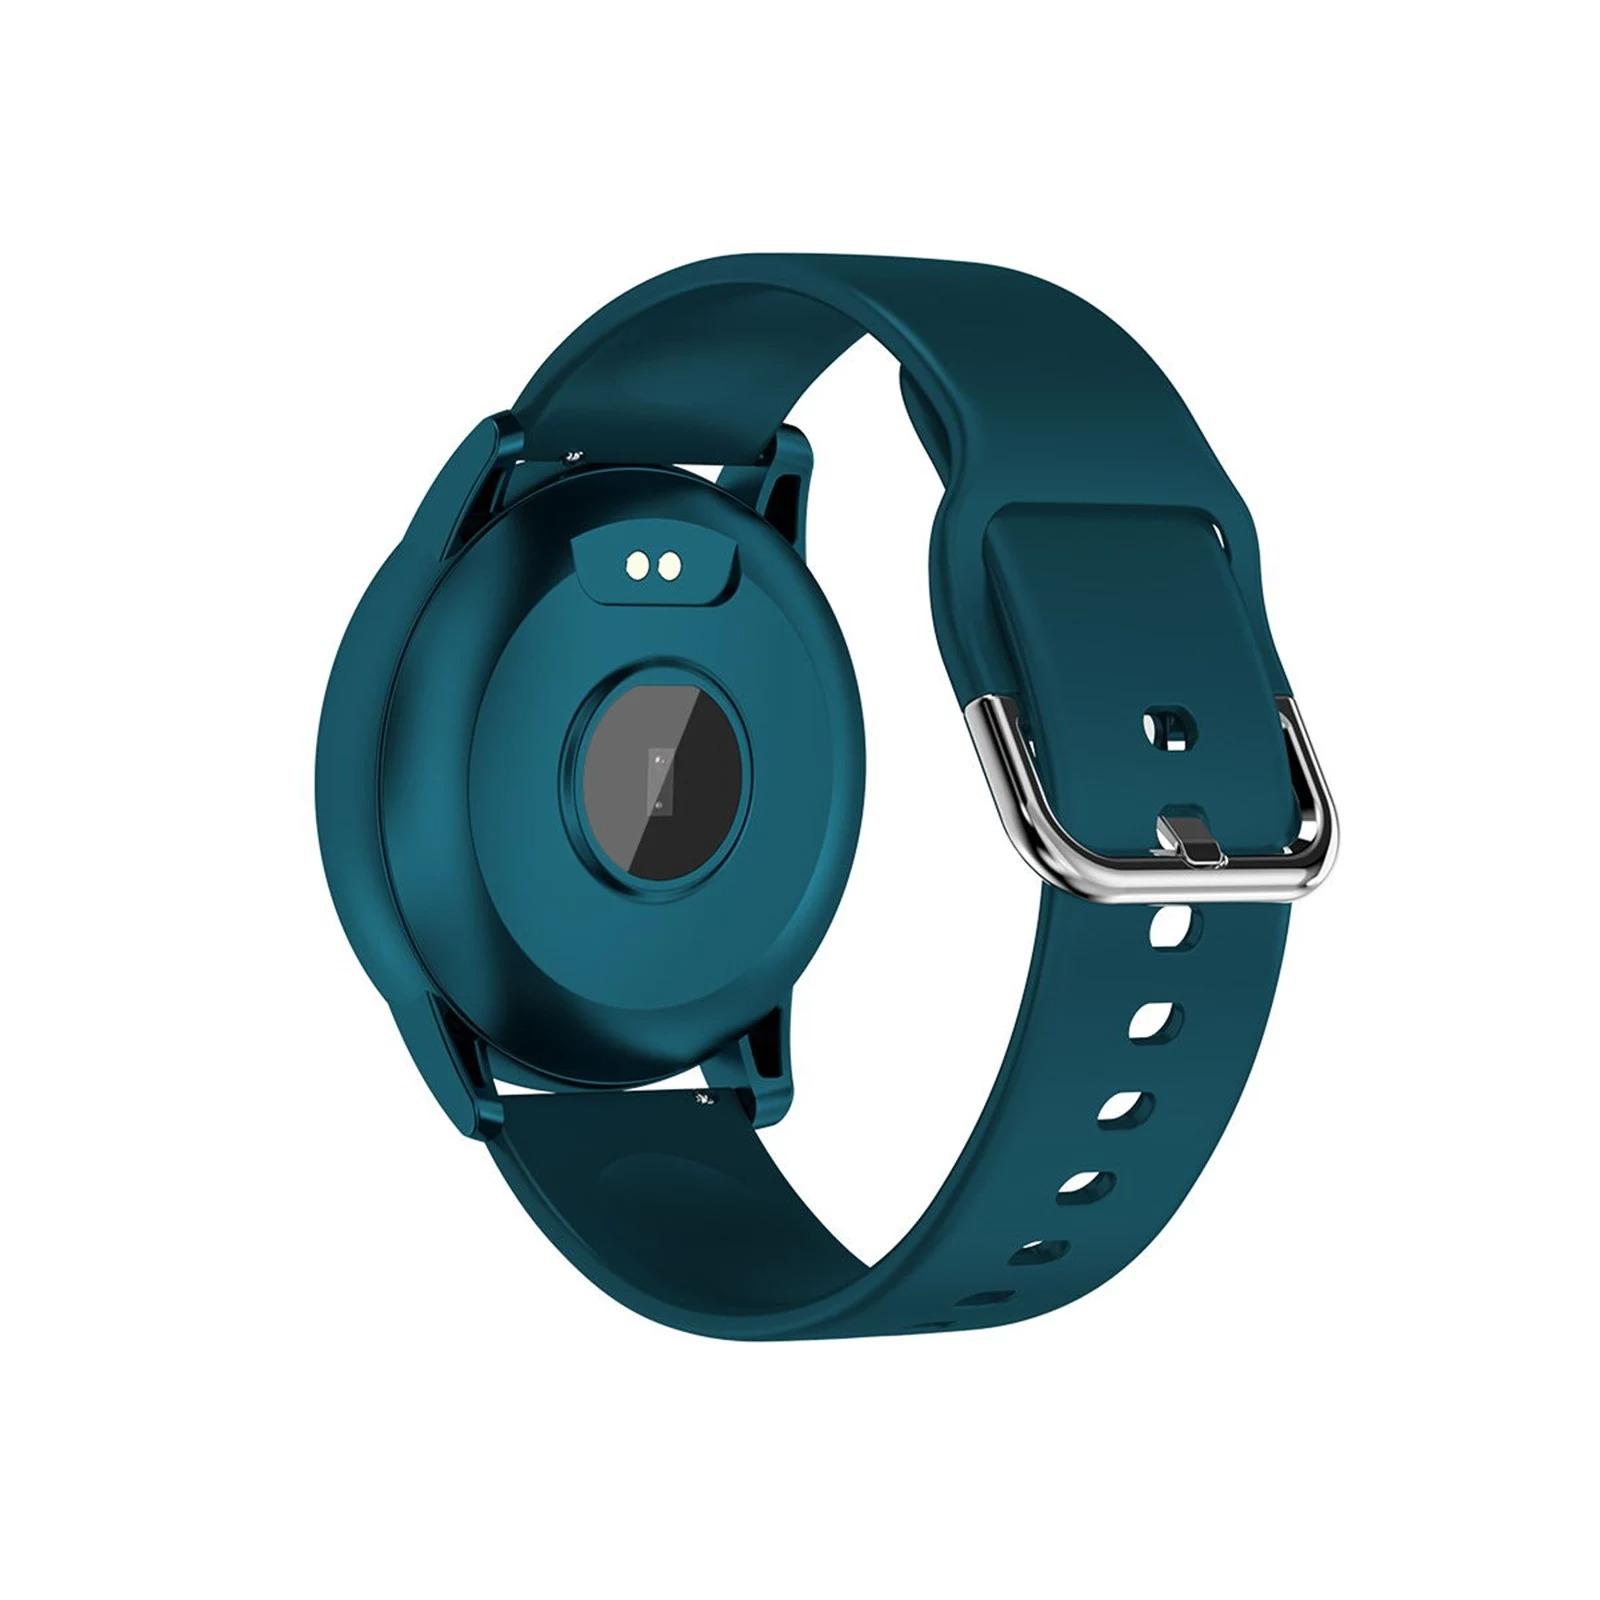 Questo smartwatch ricco di funzioni è in offerta a un prezzo imbattibile 1